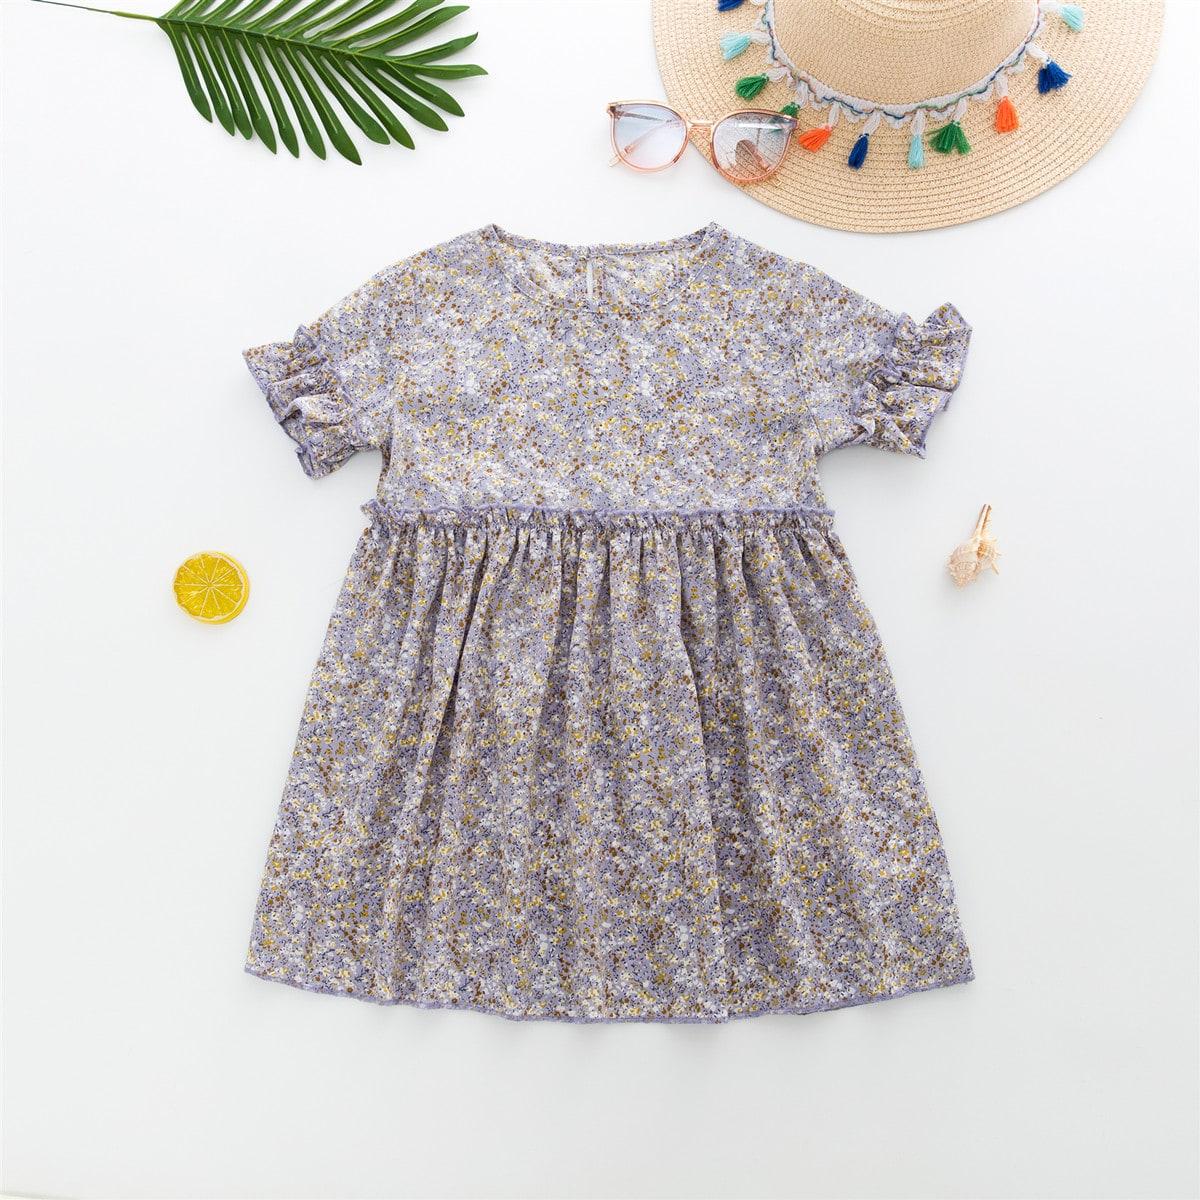 Многоцветный Оборка цветочный Бохо Платья для девочек фото